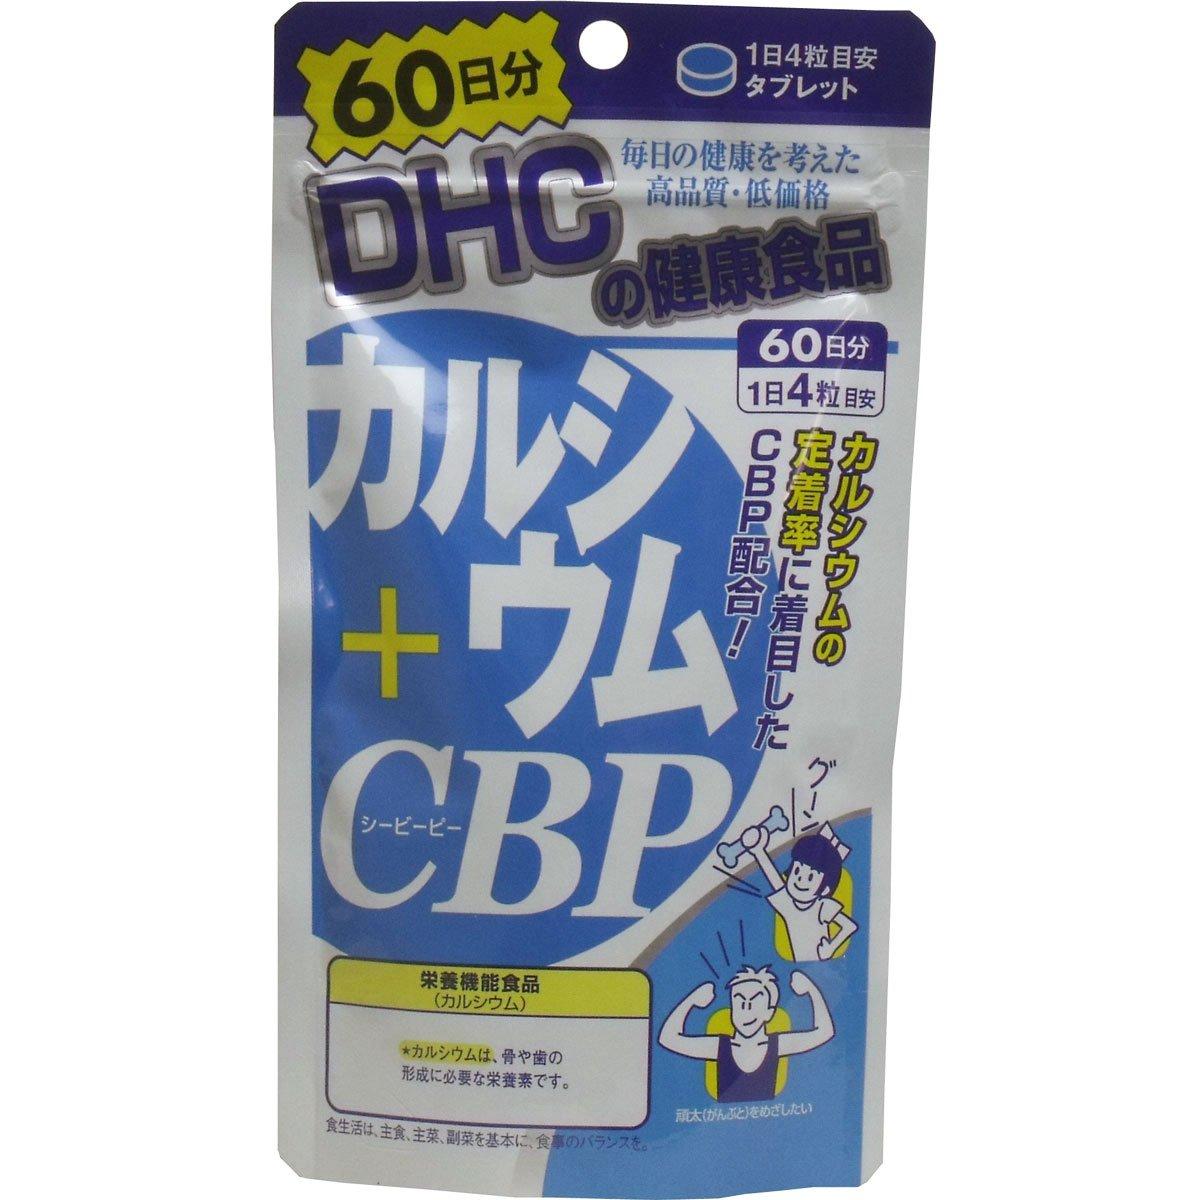 【お徳用 8 セット】 DHC カルシウム+CBP 60日分 240粒×8セット B0744N4X7M